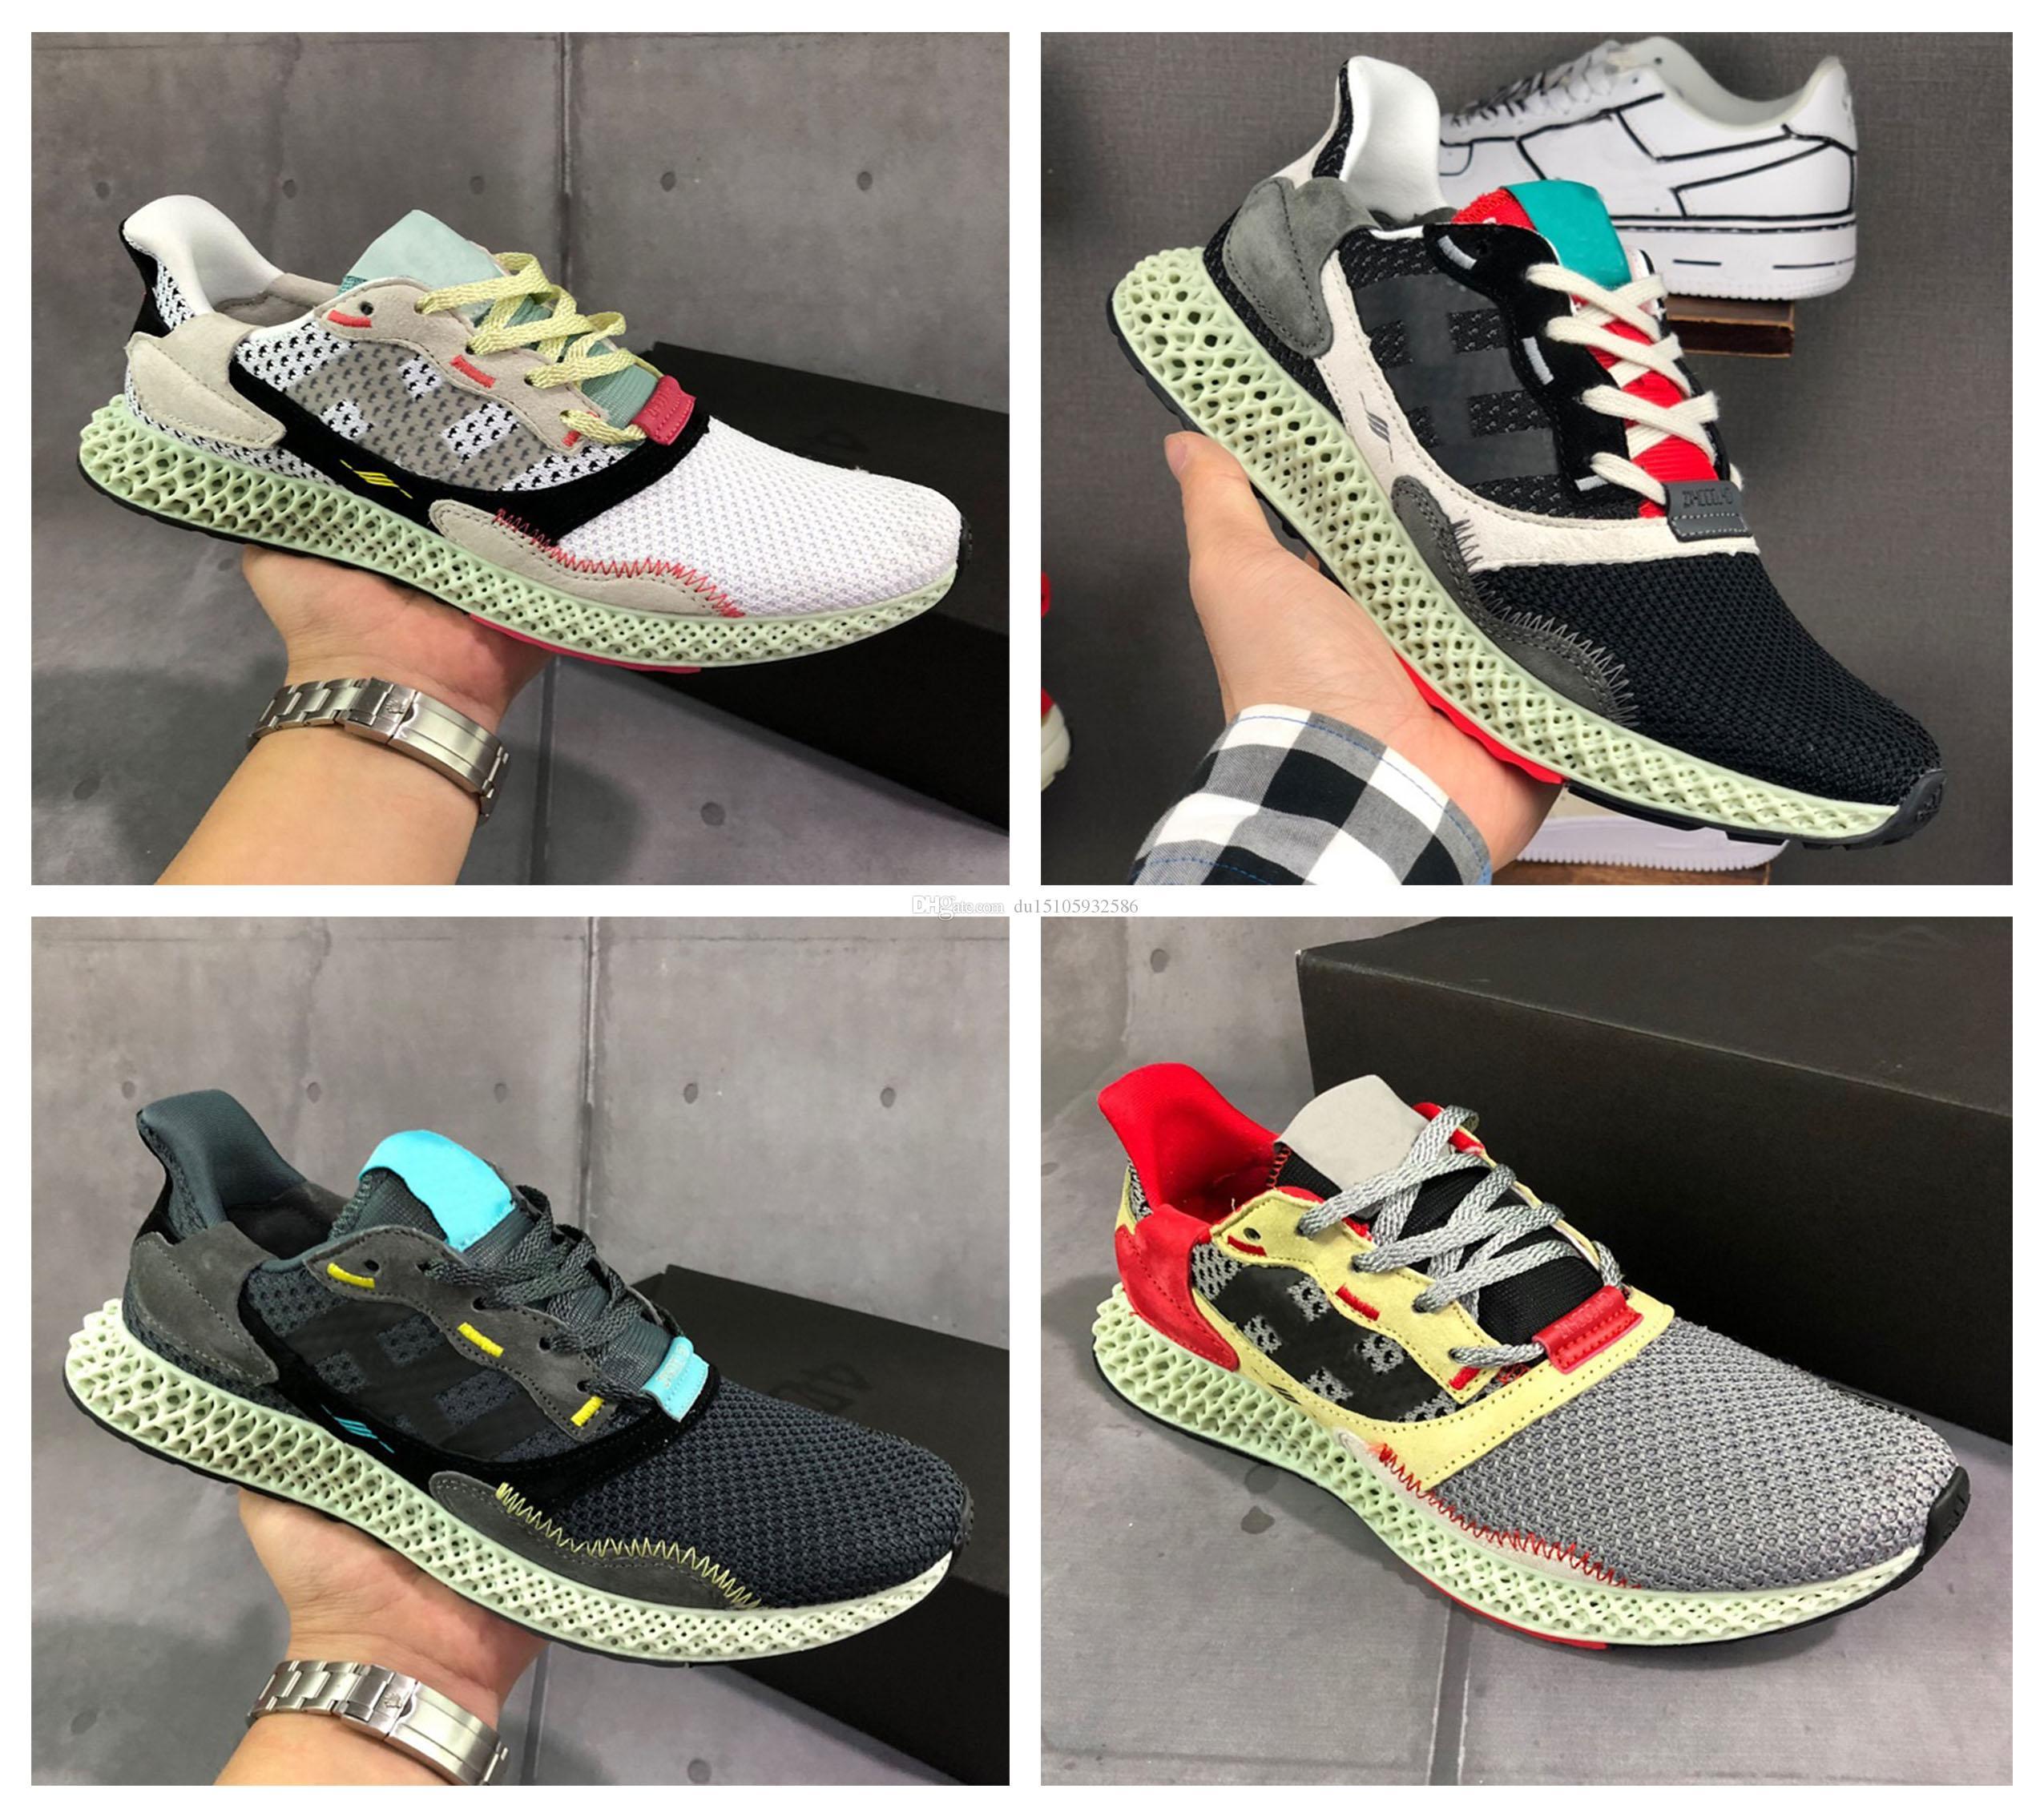 2019 Yeni ZX 4000 Futurecraft 4D erkekler açık koşu ayakkabıları 4D alphaedge y3 orijinal tasarımcı rahat ayakkabılar boyutu 36-45